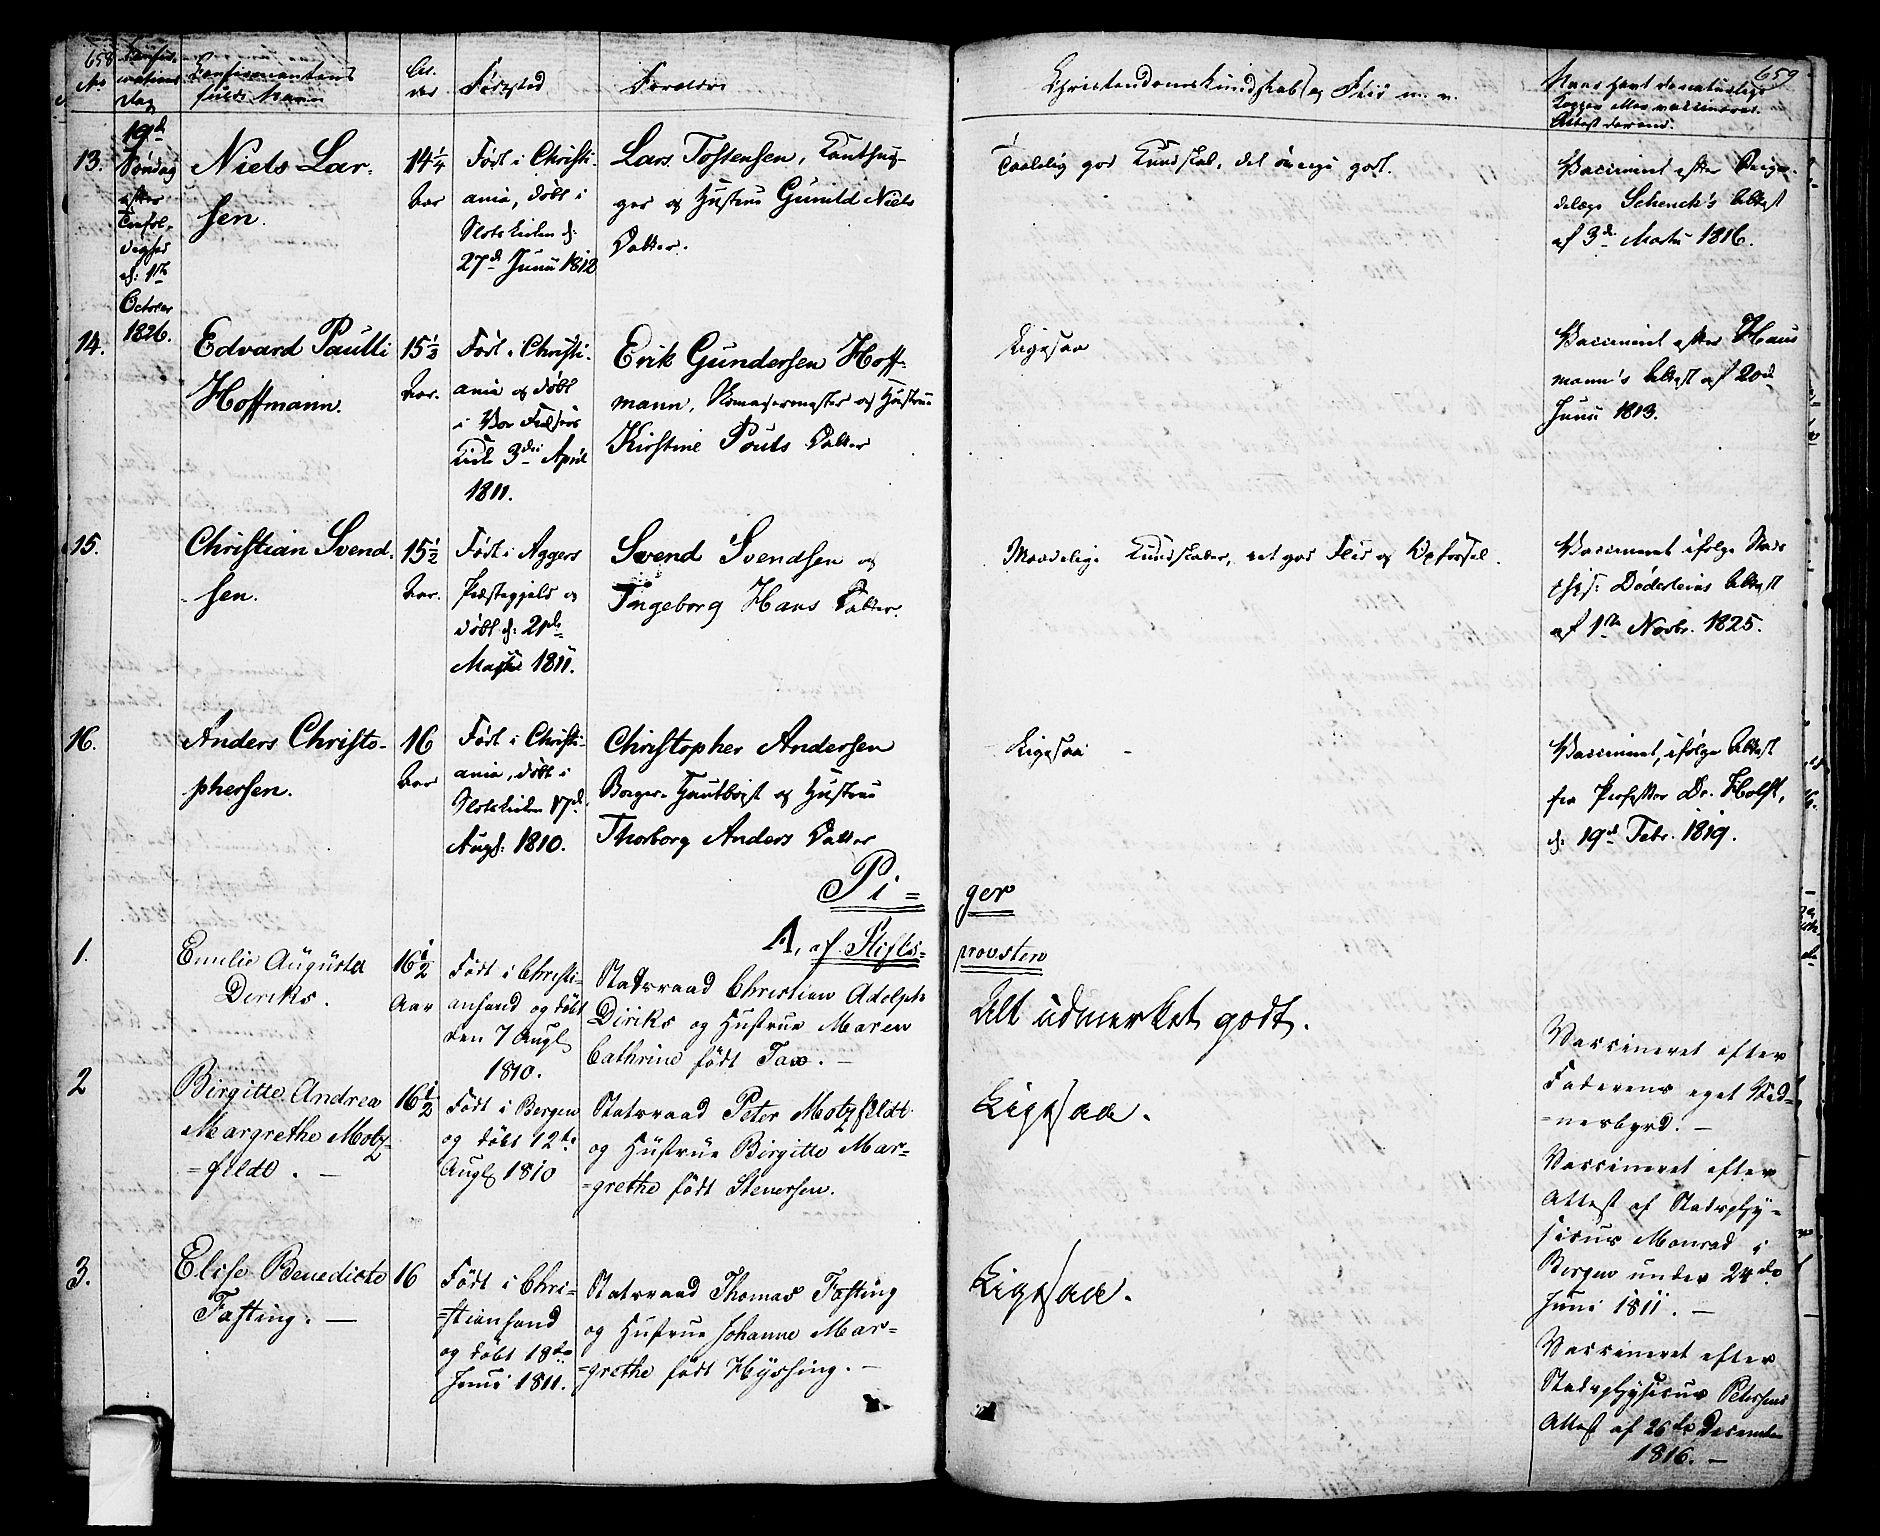 SAO, Oslo domkirke Kirkebøker, F/Fa/L0010: Ministerialbok nr. 10, 1824-1830, s. 658-659